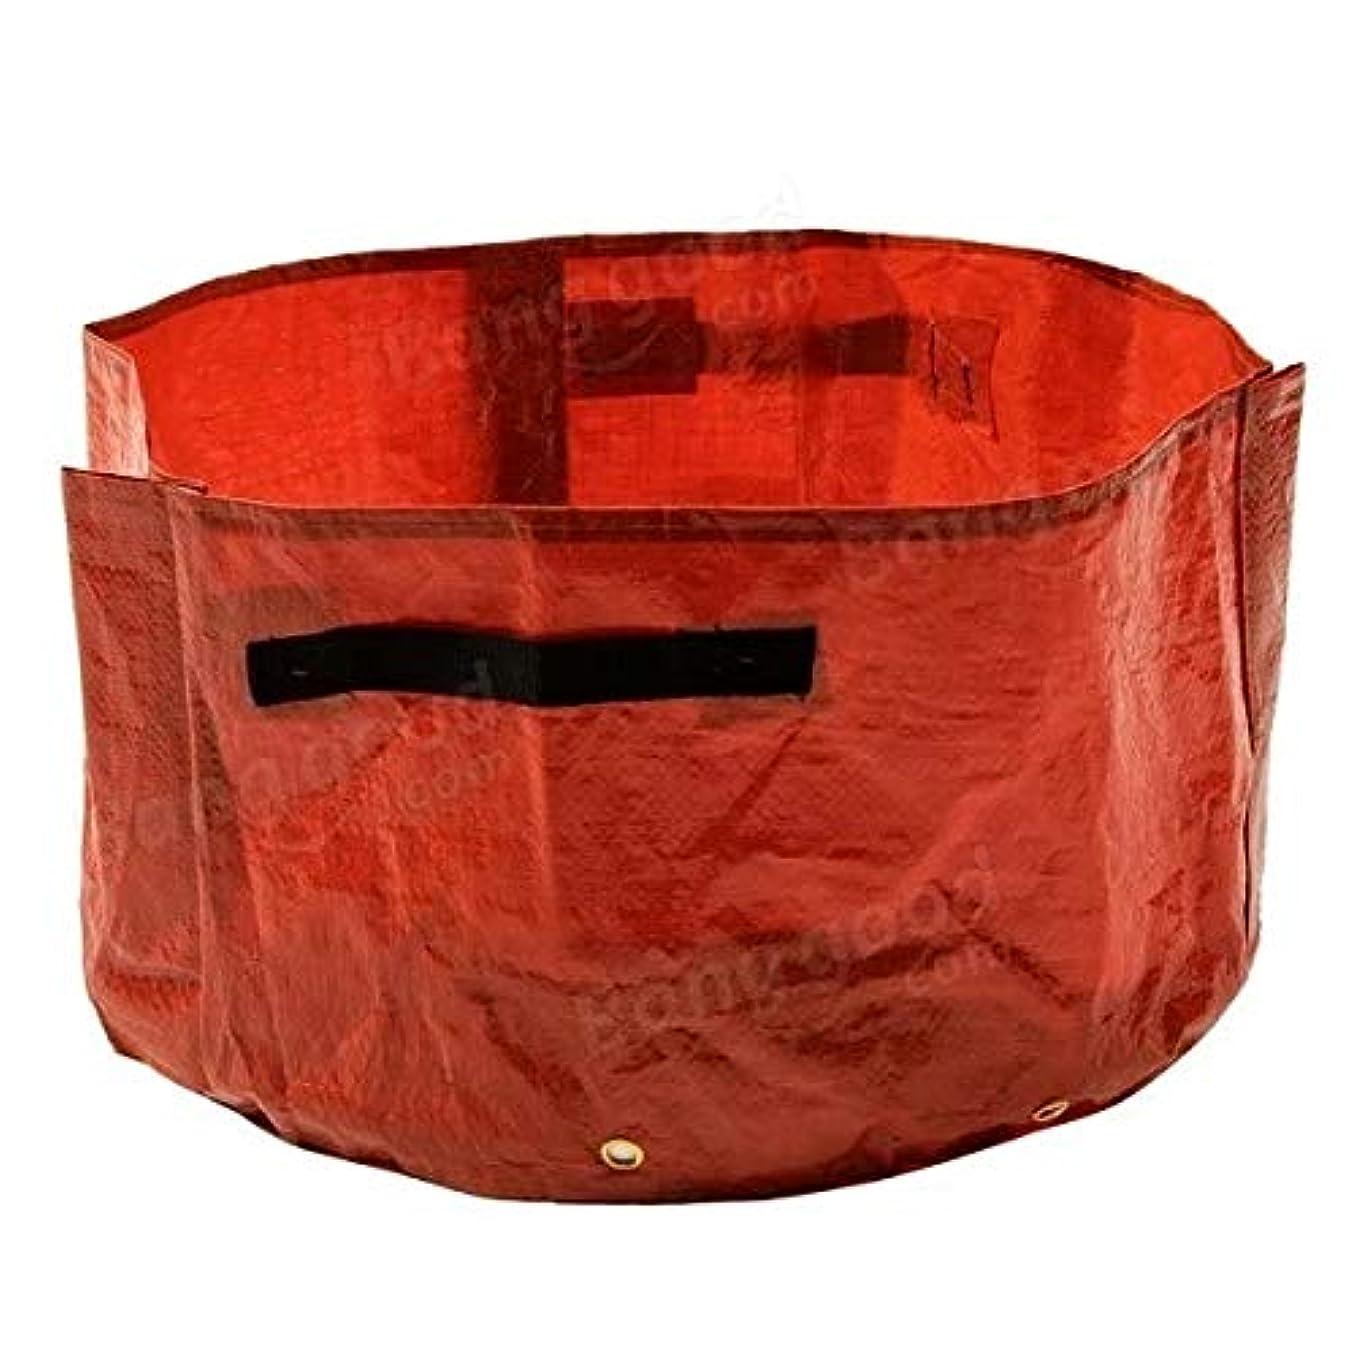 突然ユニークな野心Plant Gardenプランターバッグ ホーム用ハンドル付きレッドバルコニーの野菜を植えるバッグガーデンバッグ スクエアガーデン植栽バッグ (Color : Red, Size : 45cm)